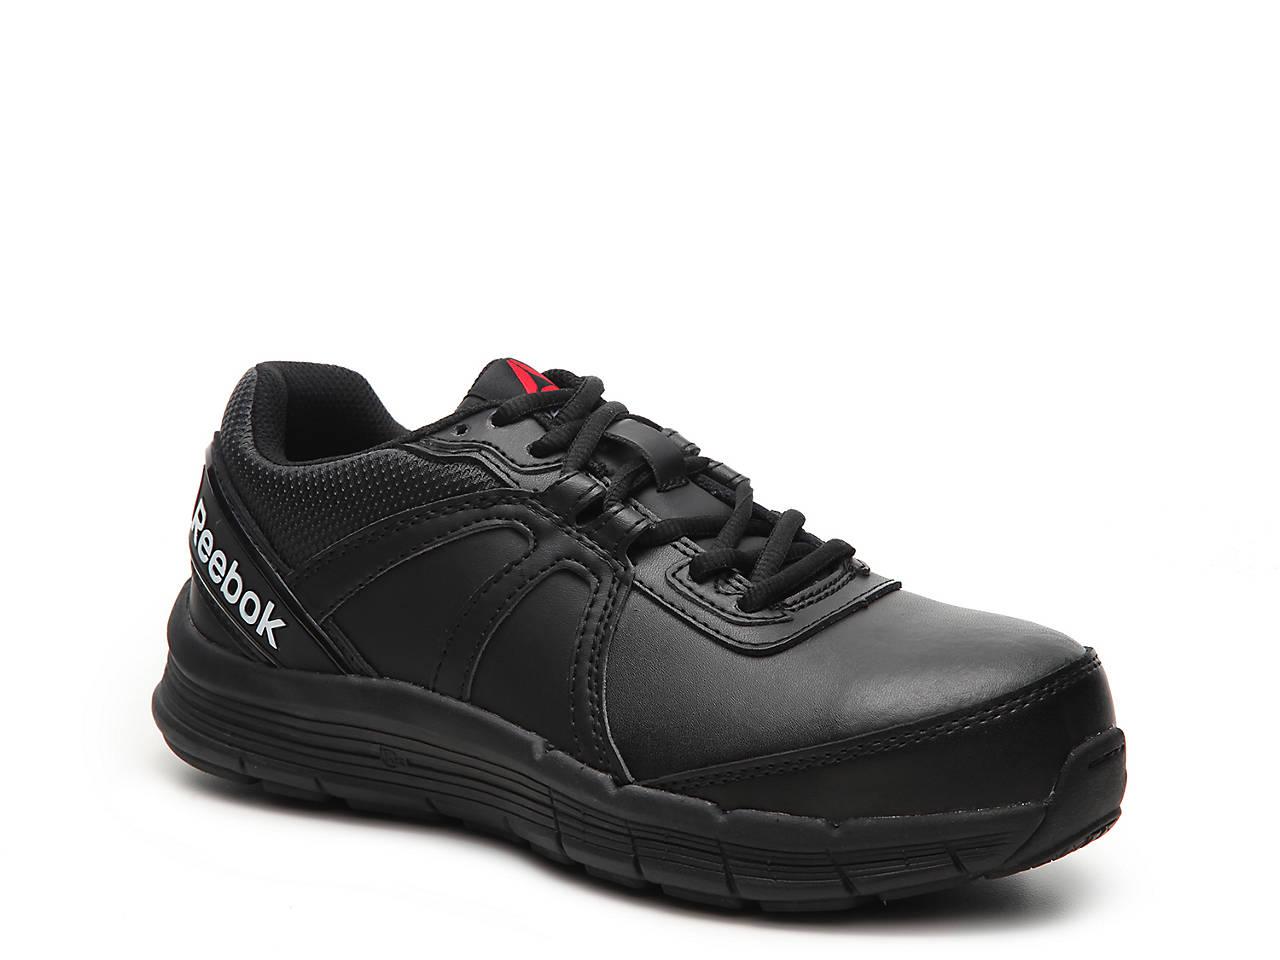 a6463321930 Guide 3.0 Steel Toe Work Shoe